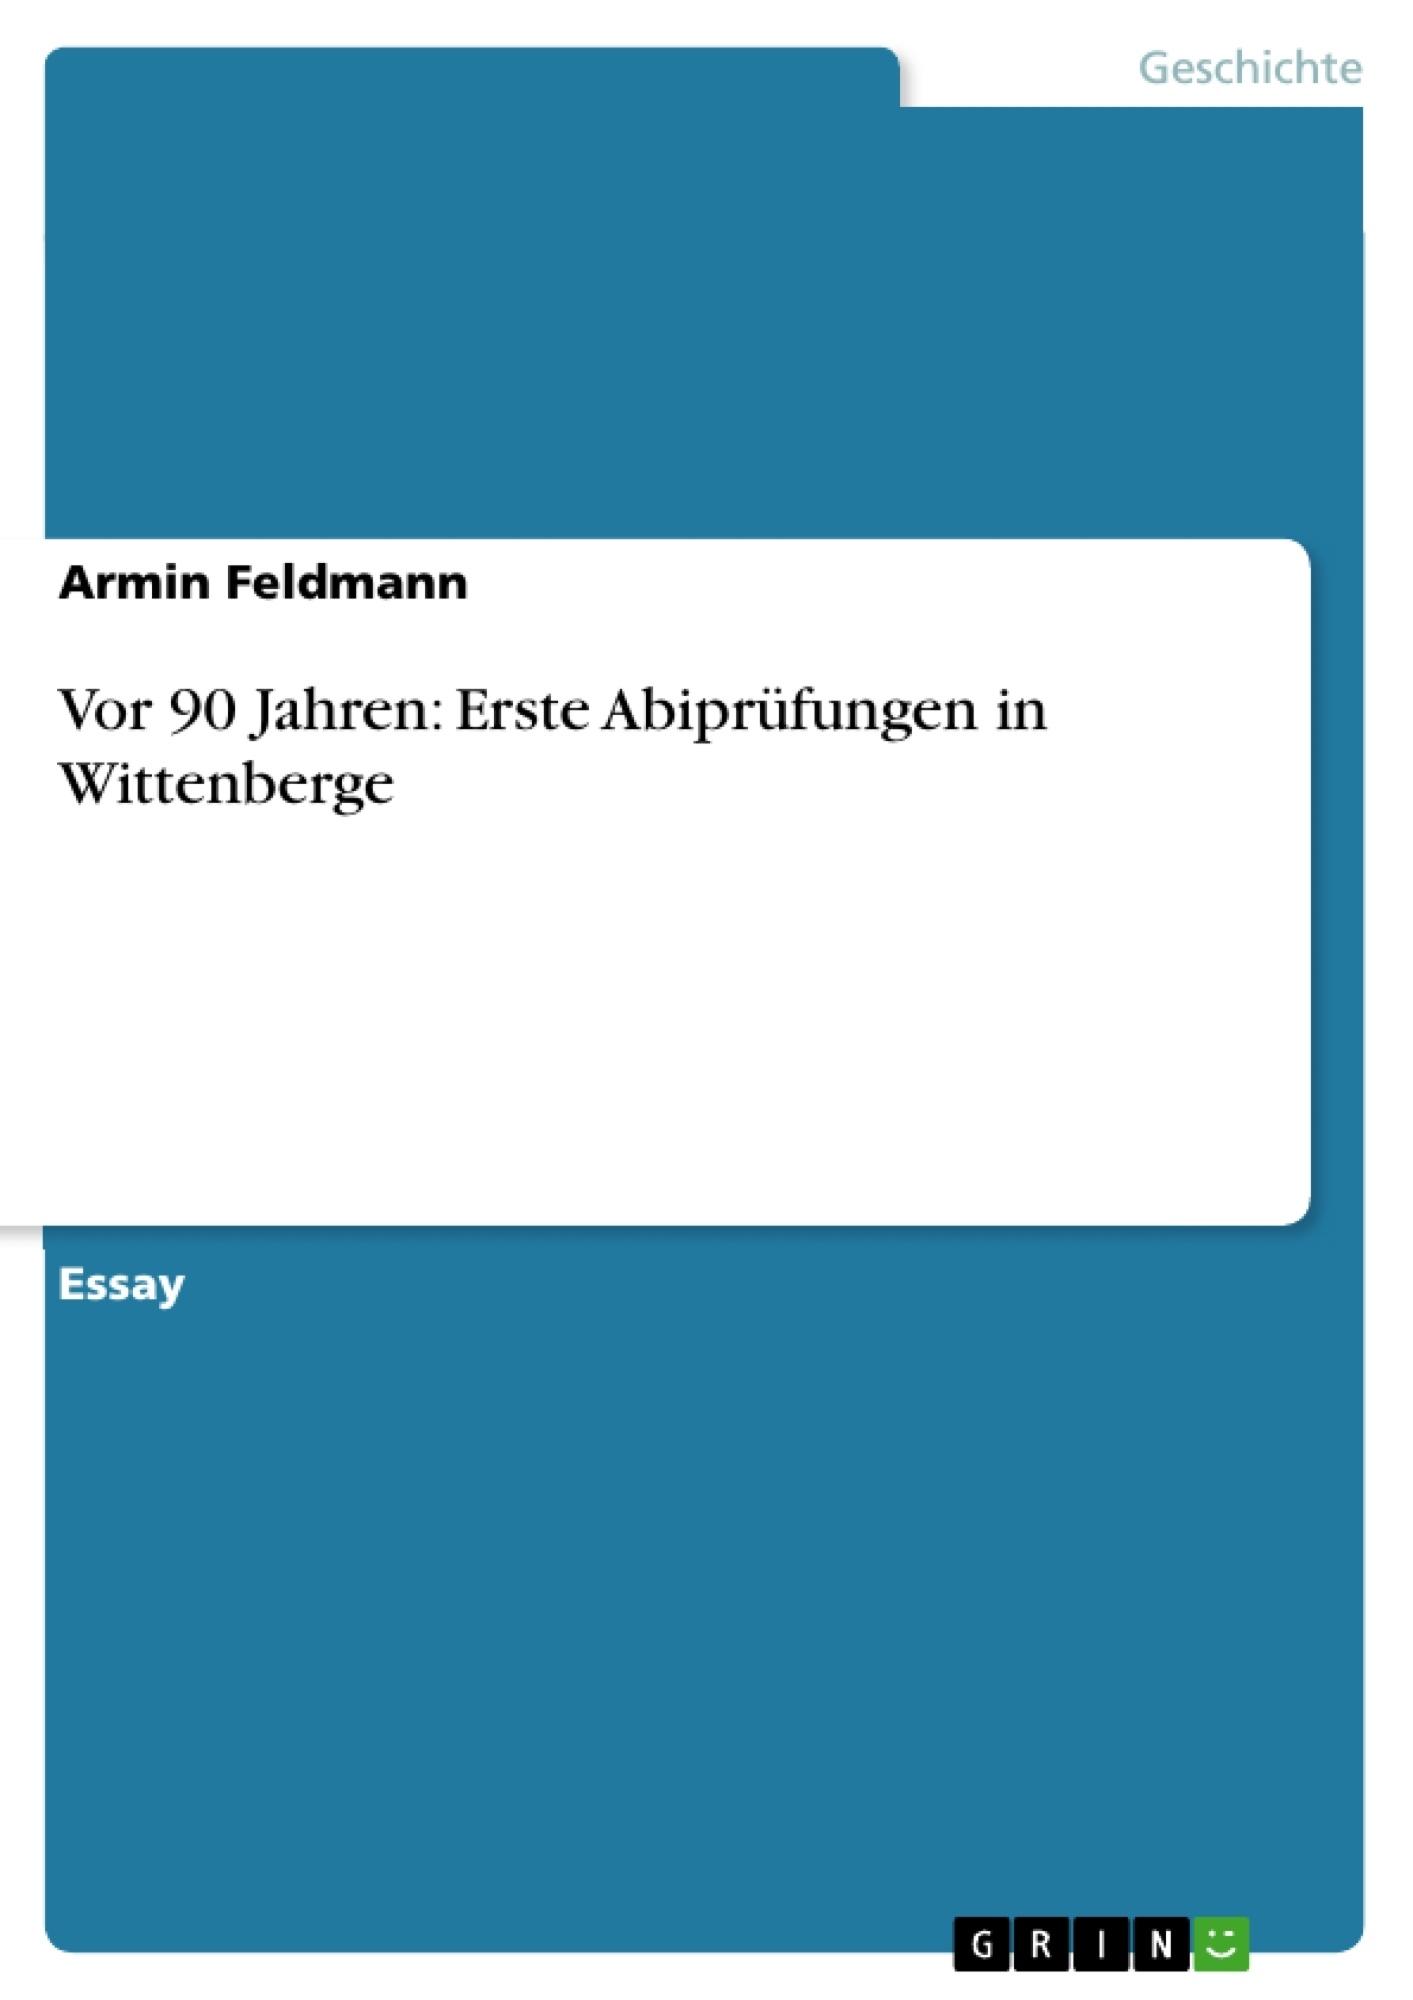 Titel: Vor 90 Jahren: Erste Abiprüfungen in Wittenberge